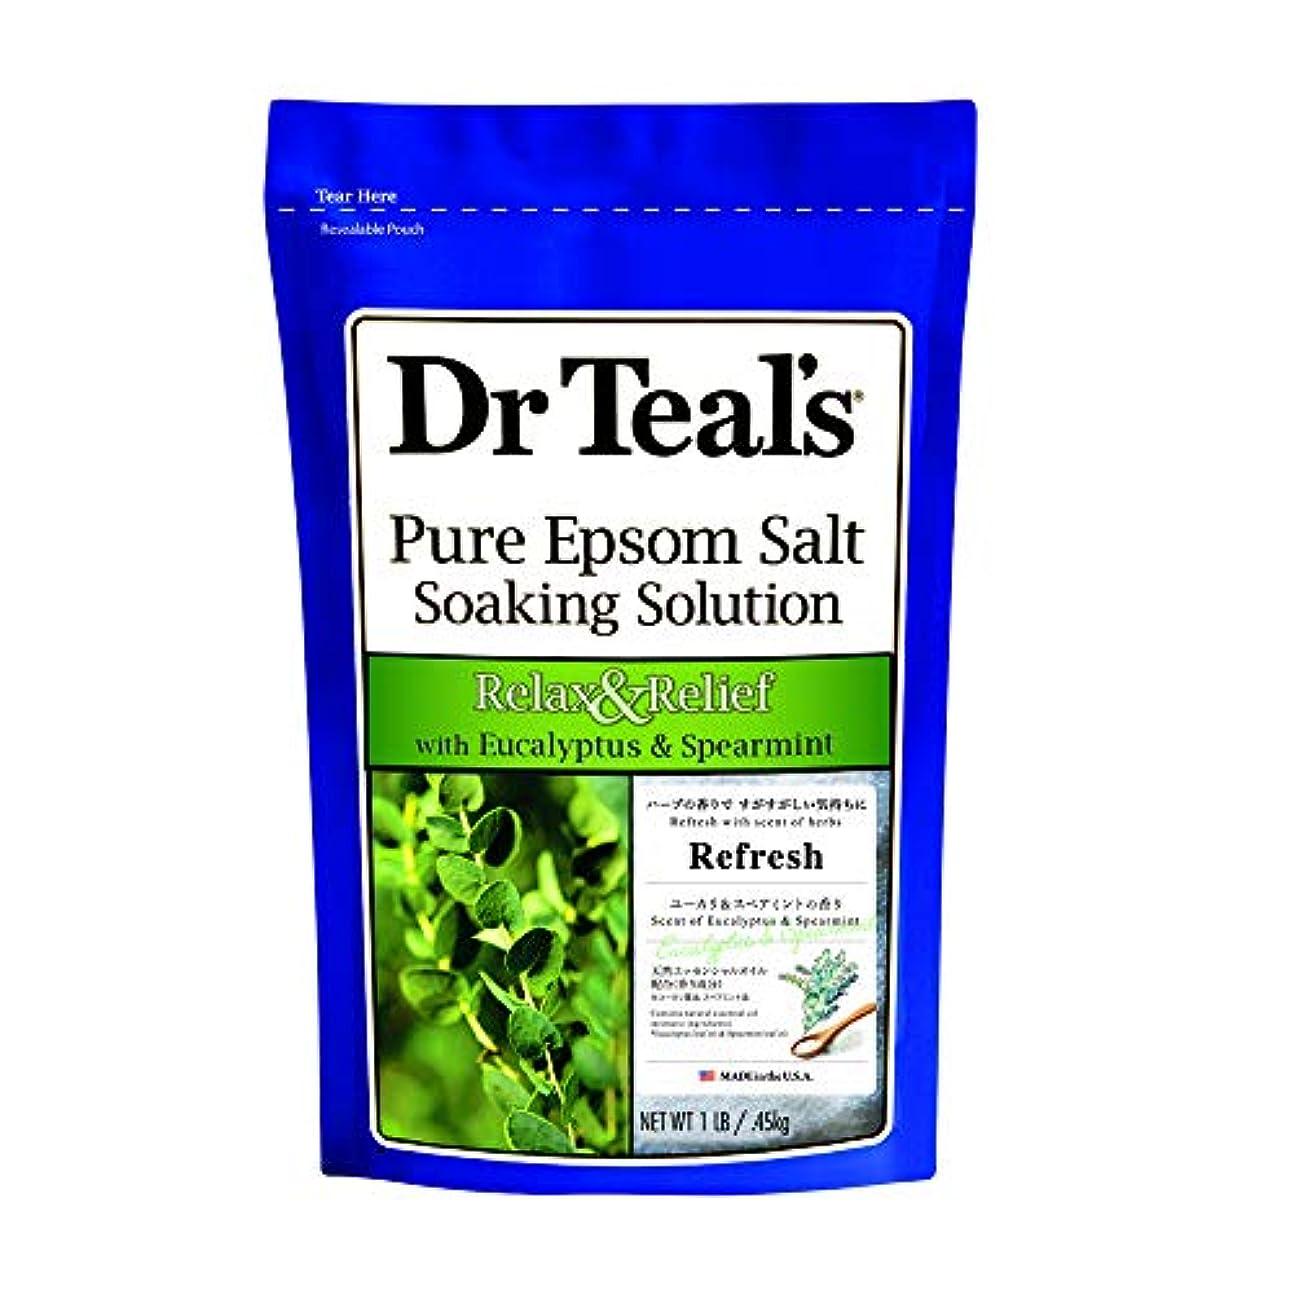 評価白鳥すずめDr Teal's(ティールズ) フレグランスエプソムソルト ユーカリ&スペアミント 入浴剤 453g